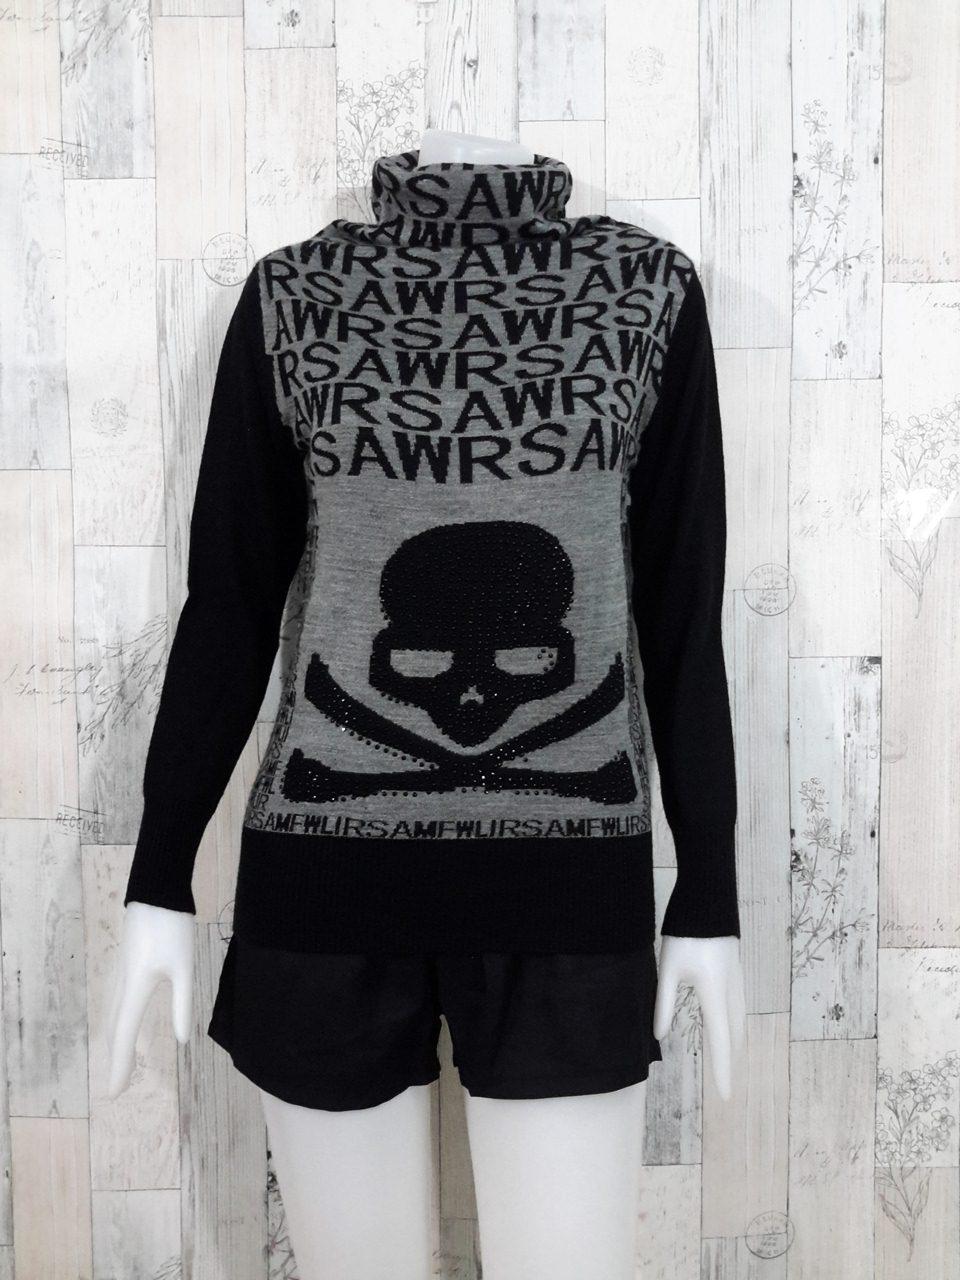 Blouse3533 2nd hand clothes เสื้อไหมพรมผ้านุ่ม(เนื้อหนาปานกลาง) แขนยาว คอเต่า ลายตัวอักษร แต่งหัวกะโหลกโทนสีเทาดำ